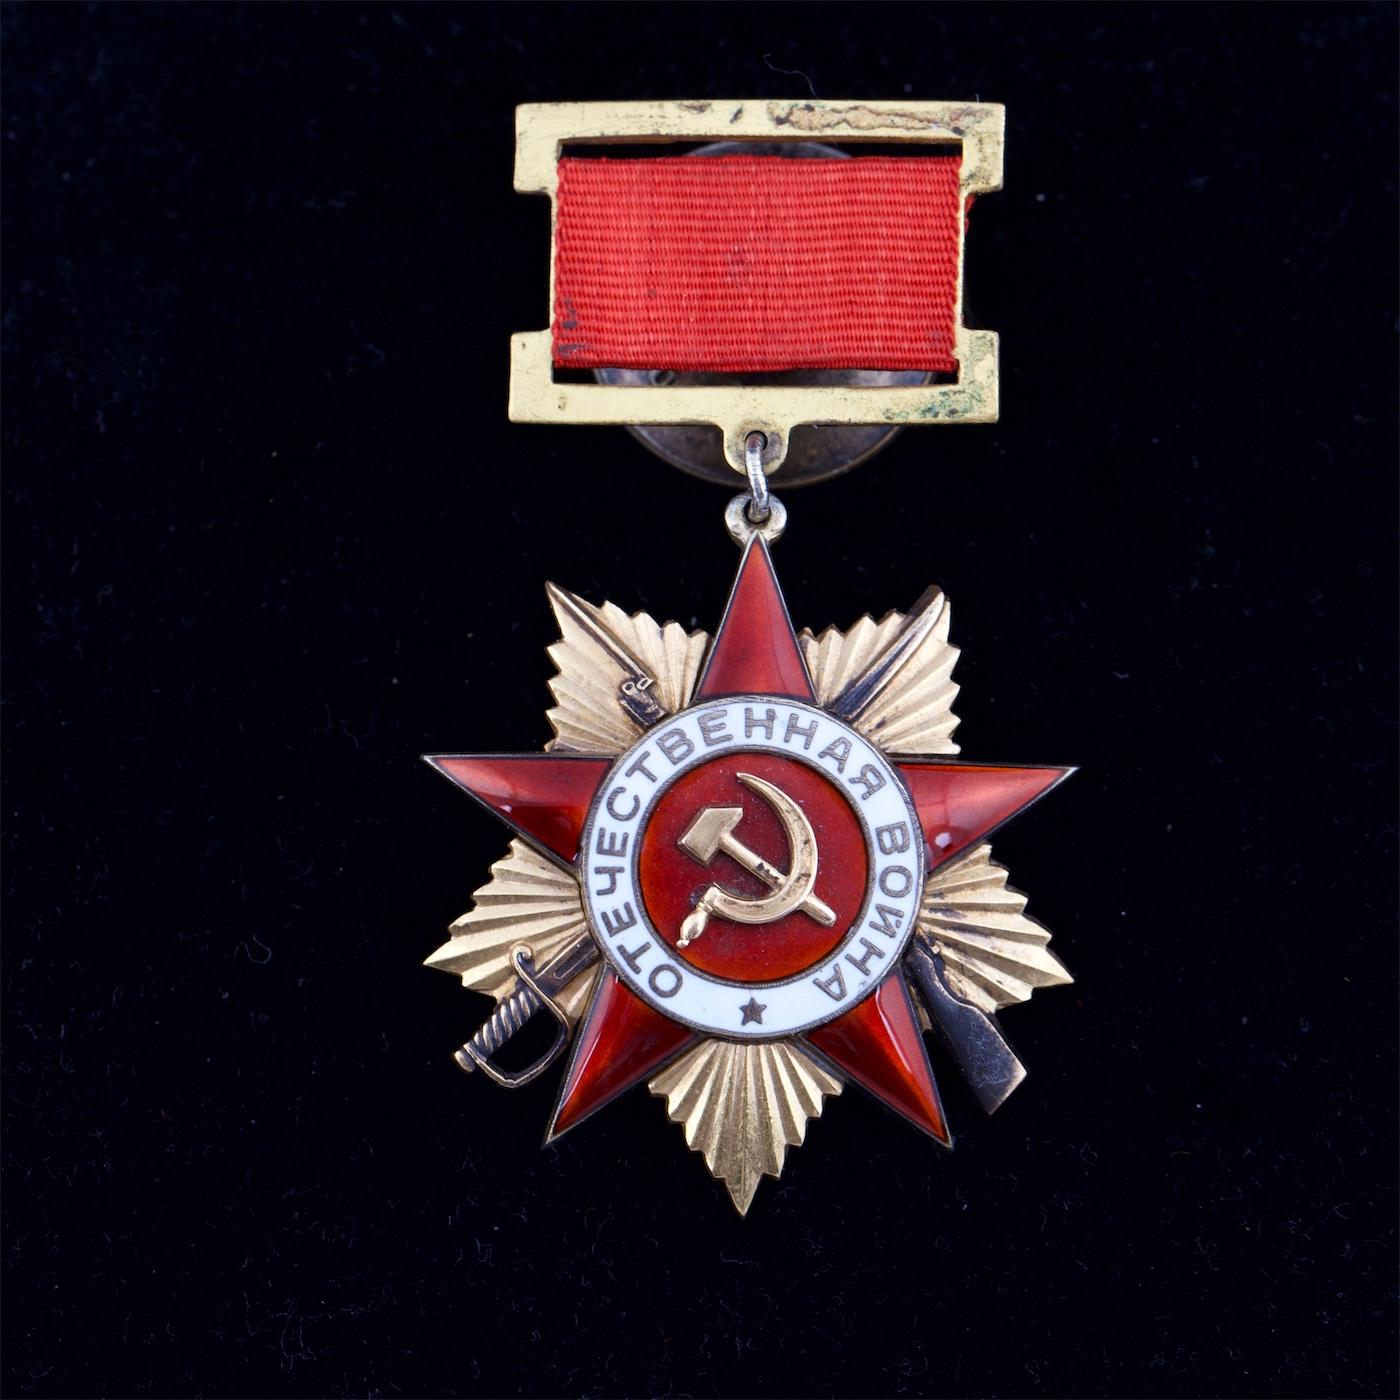 Vente Art Russe et Soviétique, Militaria chez Baltic Auction Group : 513 lots